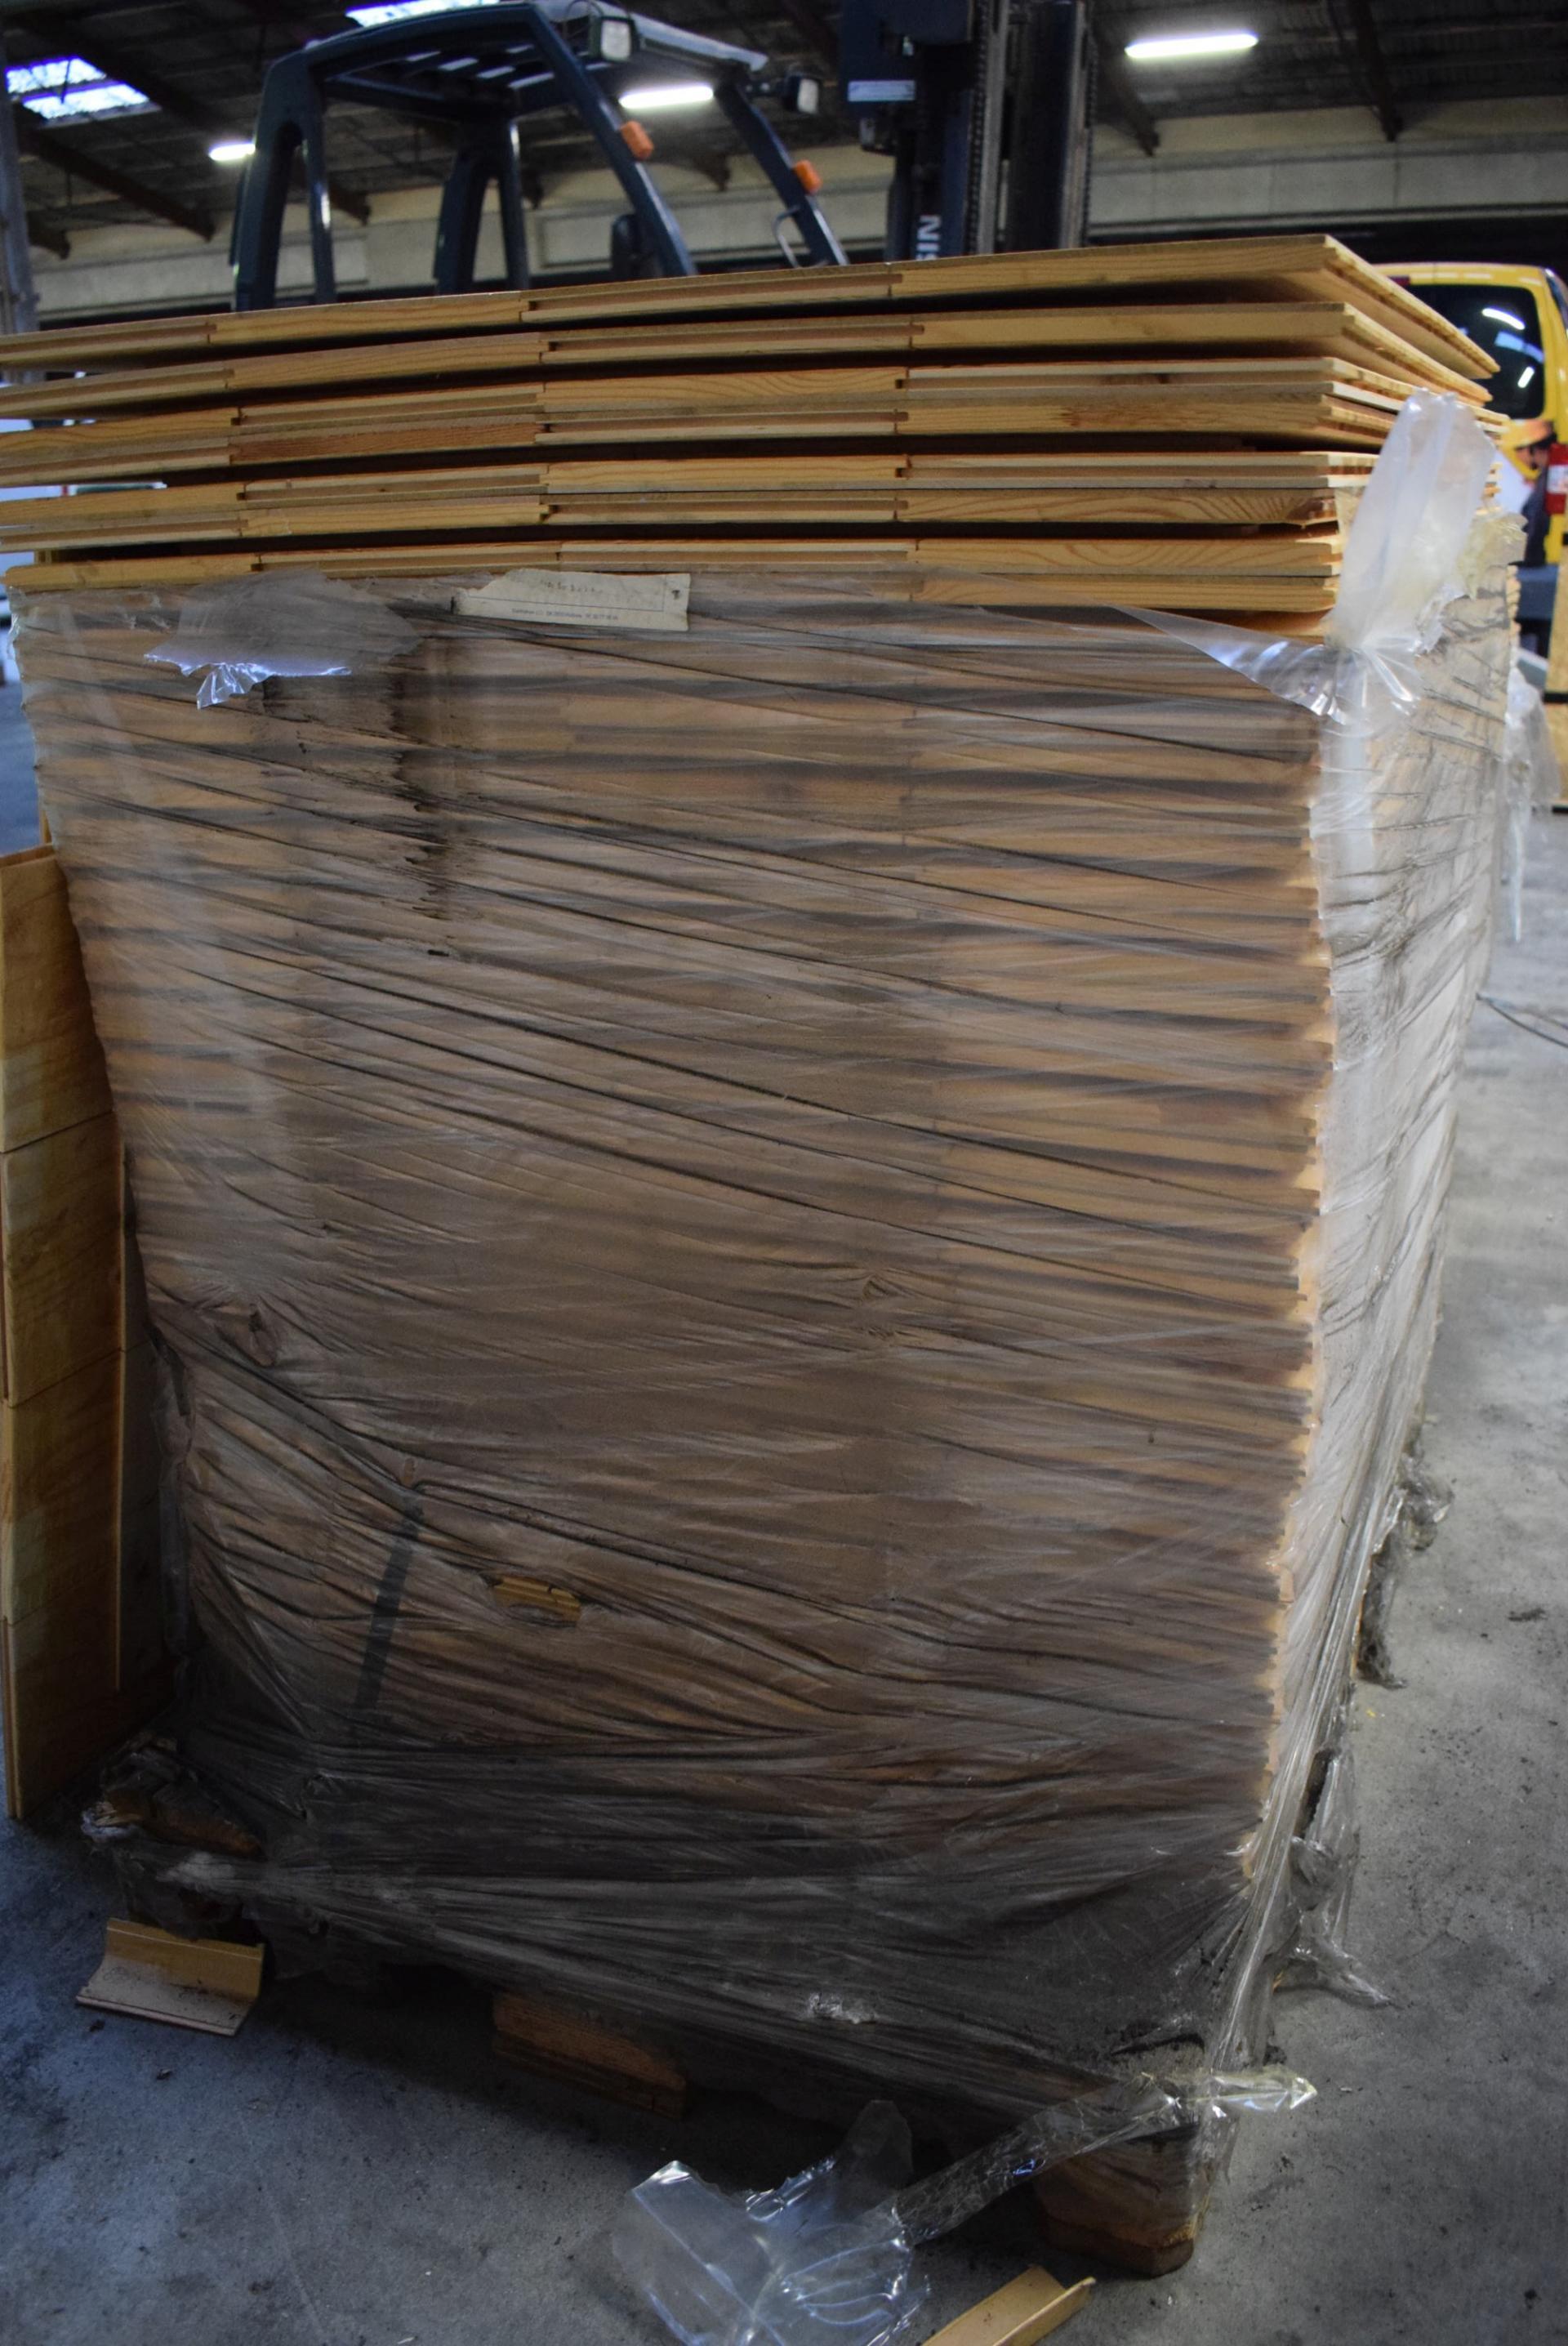 48 stk. bøgeplader/plankegulv 80 x 120 cm, delvis lakeret brugt til ...